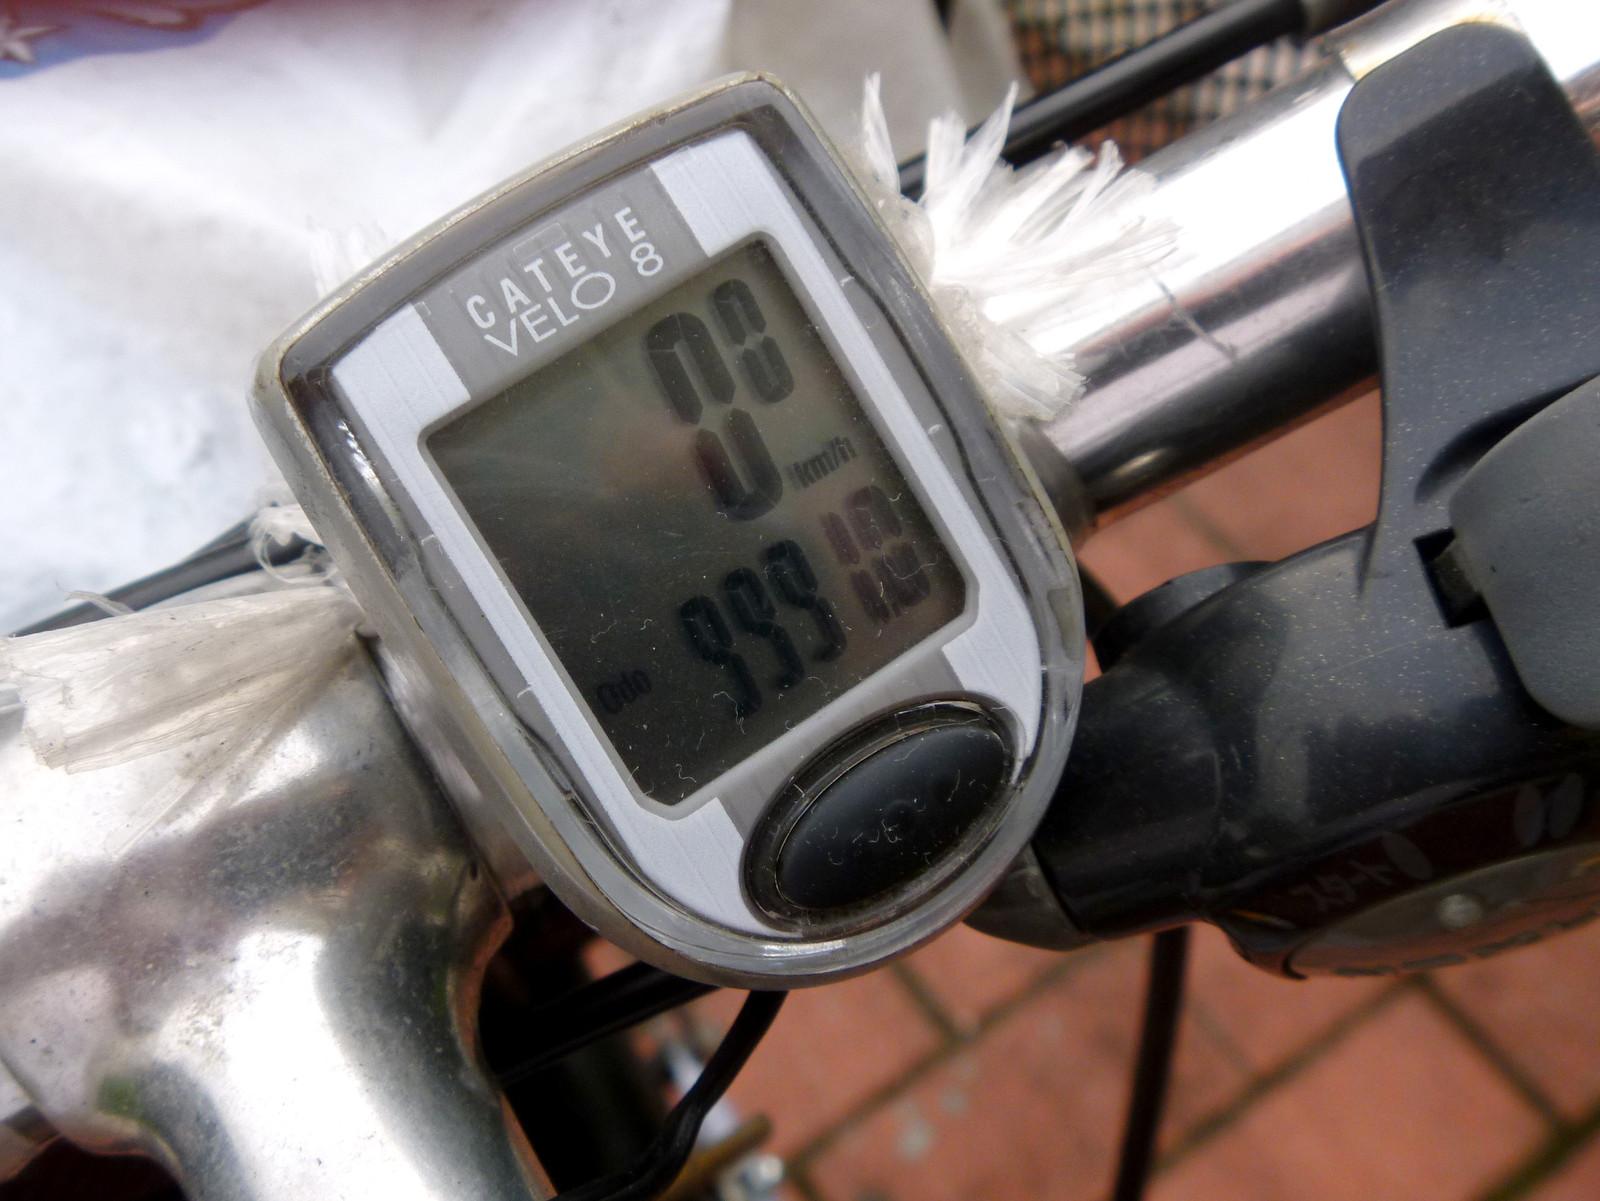 Cyclecomputer6